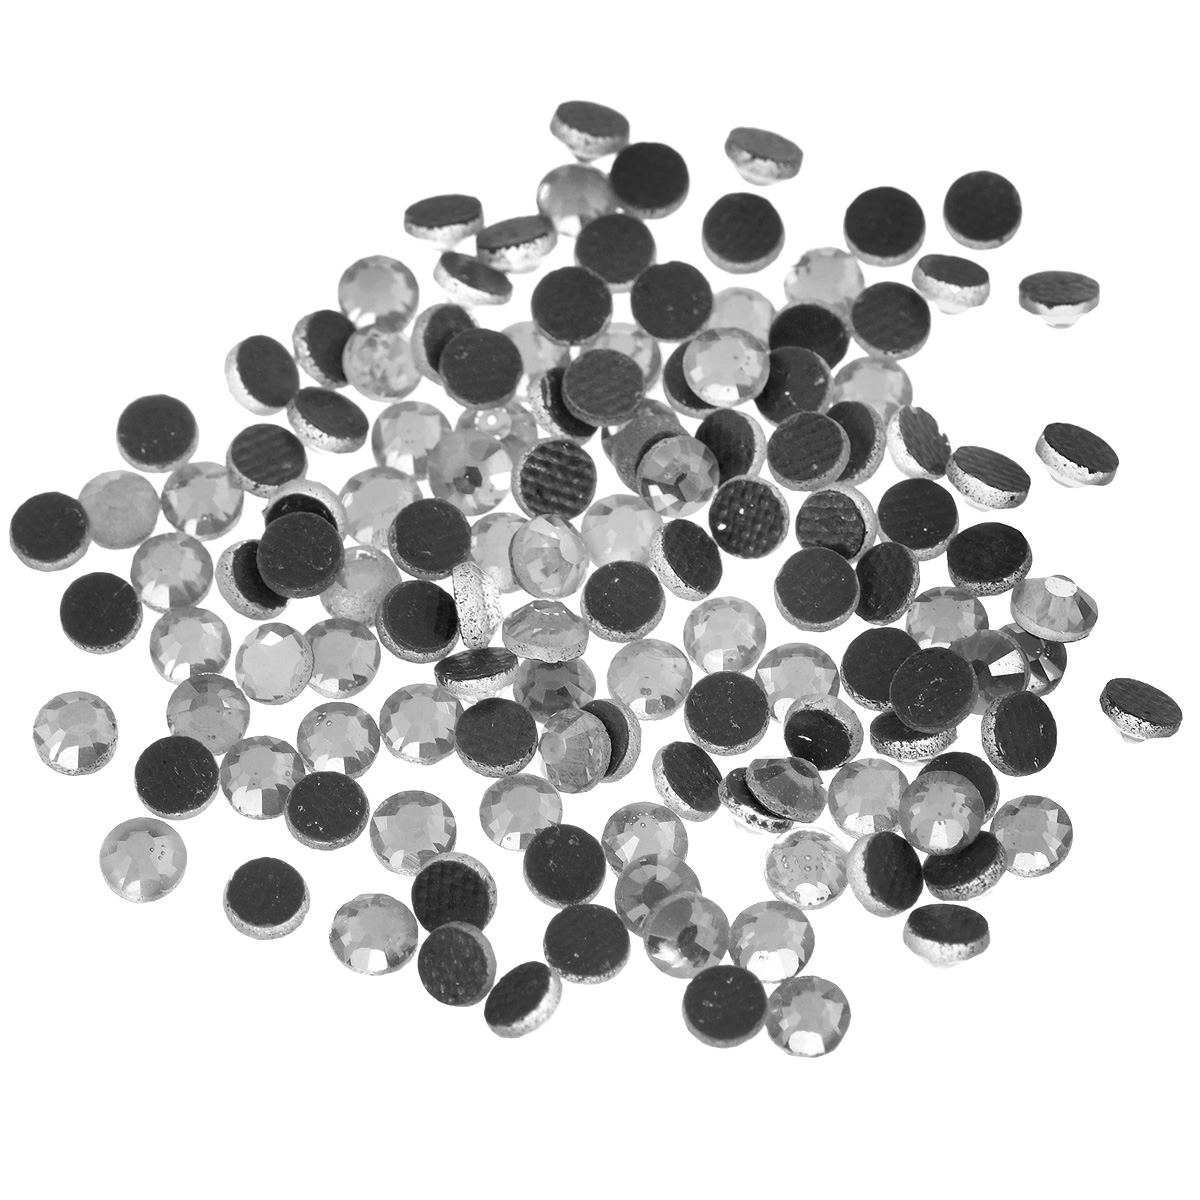 Стразы термоклеевые Cristal, цвет: белый (001), диаметр 4 мм, 144 штNN-612-LS-PLНабор термоклеевых страз Cristal, изготовленный из высококачественного акрила, позволит вам украсить одежду, аксессуары или текстиль. Яркие стразы имеют плоское дно и круглую поверхность с гранями.Дно термоклеевых страз уже обработано особым клеем, который под воздействием высоких температур начинает плавиться, приклеиваясь, таким образом, к требуемой поверхности. Чаще всего их используют в текстильной промышленности: стразы прикладывают к ткани и проглаживают утюгом с обратной стороны. Также можно использовать специальный паяльник. Украшение стразами поможет сделать любую вещь оригинальной и неповторимой. Диаметр стразы: 4 мм.